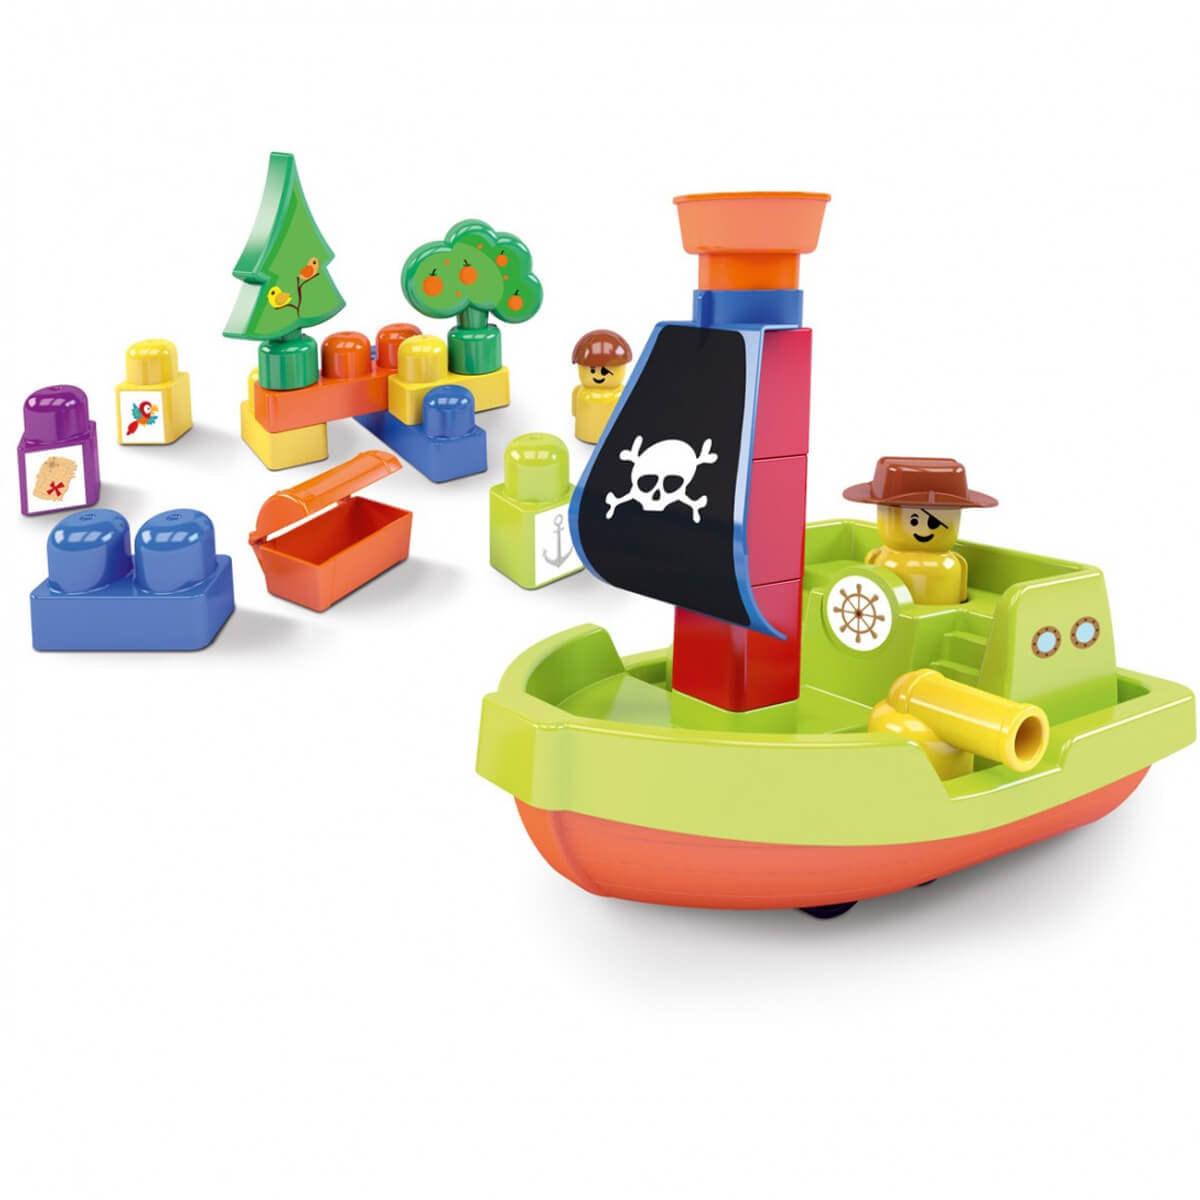 Brinquedos Educativos De Montar Para Crianças Ilha Do Pirata